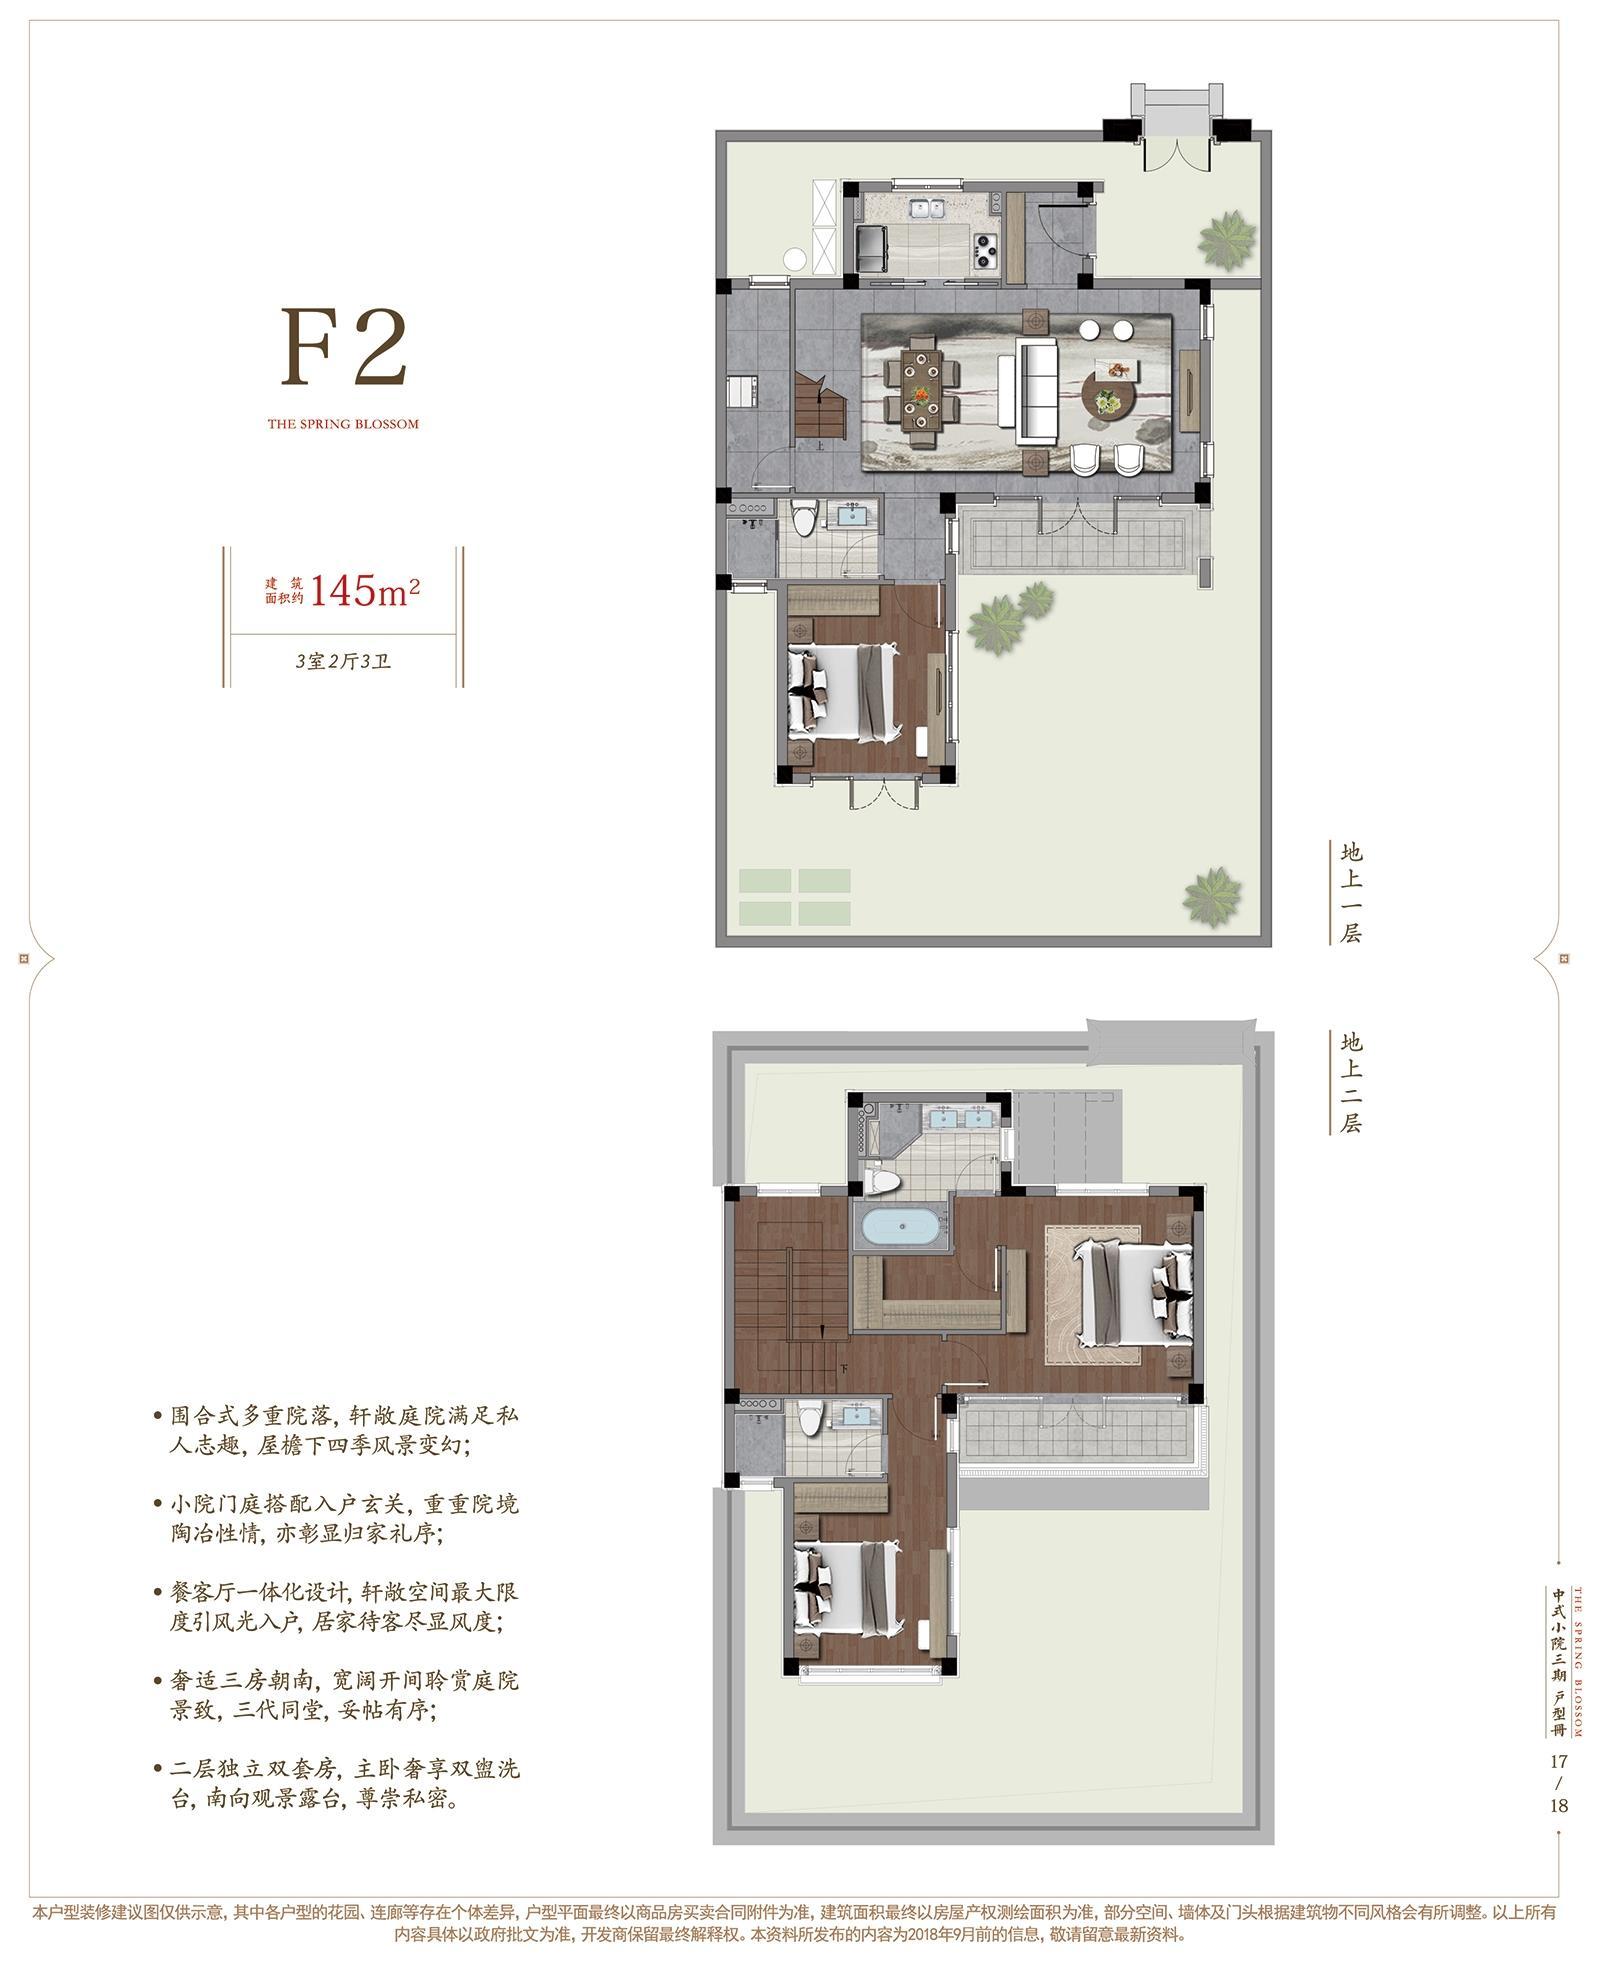 桃李春风三期中式小院F2户型约145㎡